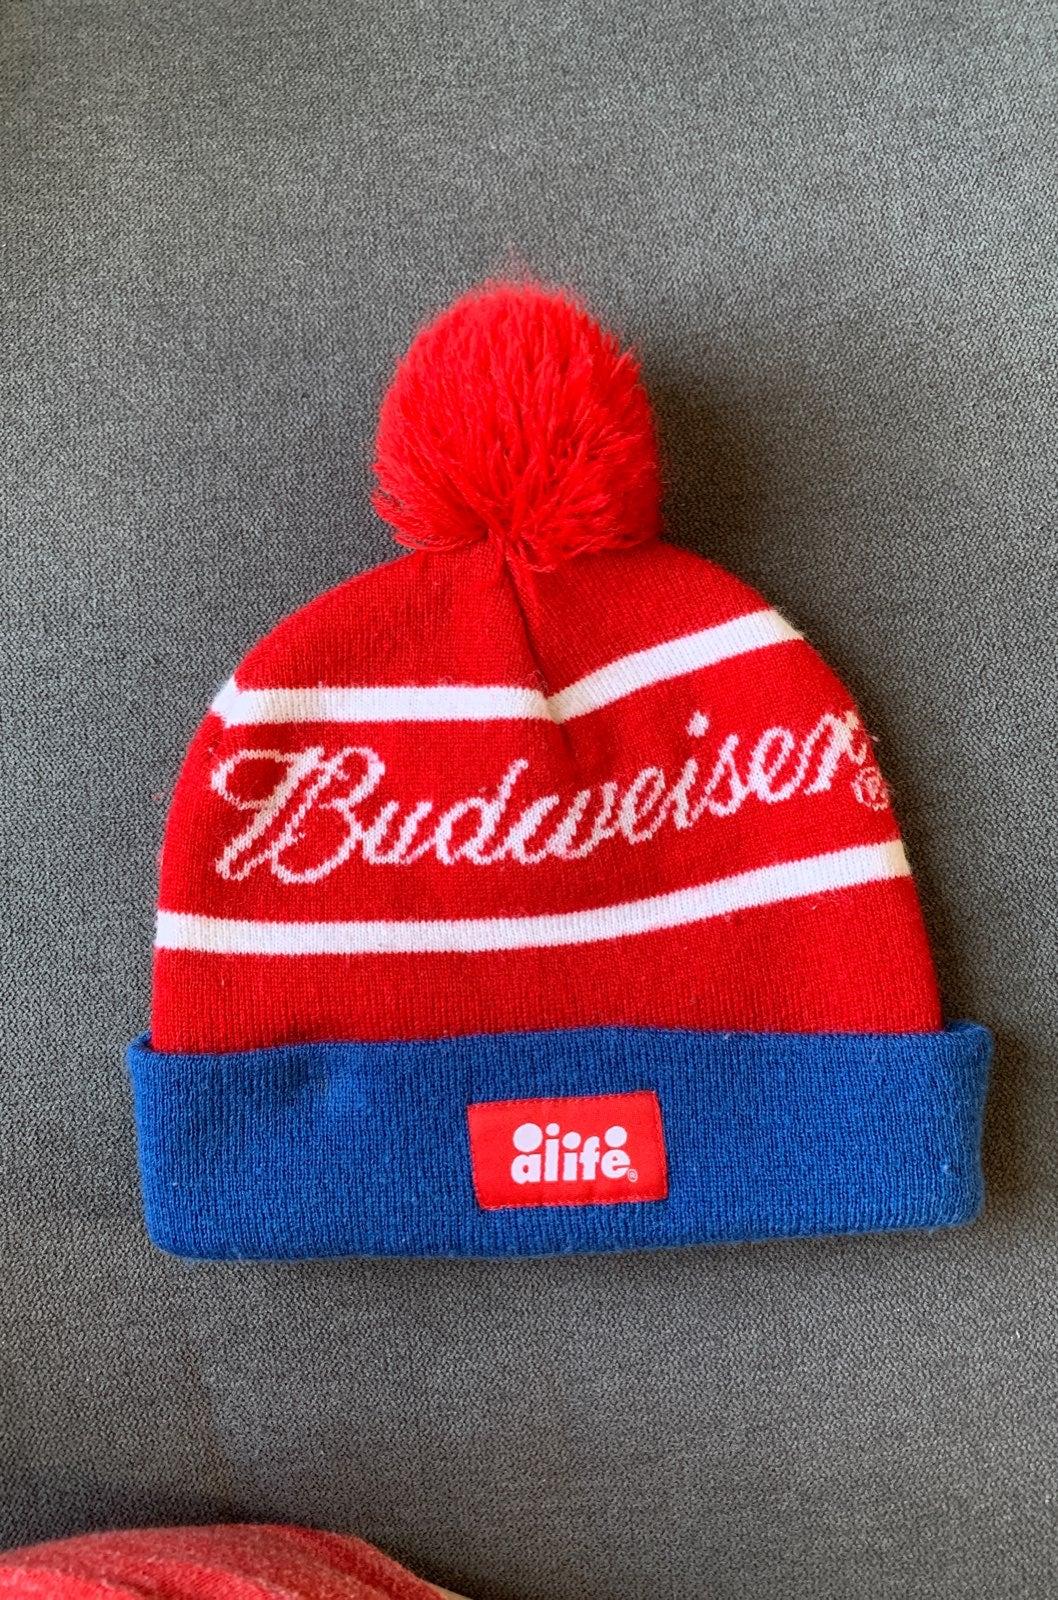 Alife Budweiser beanie winter hat